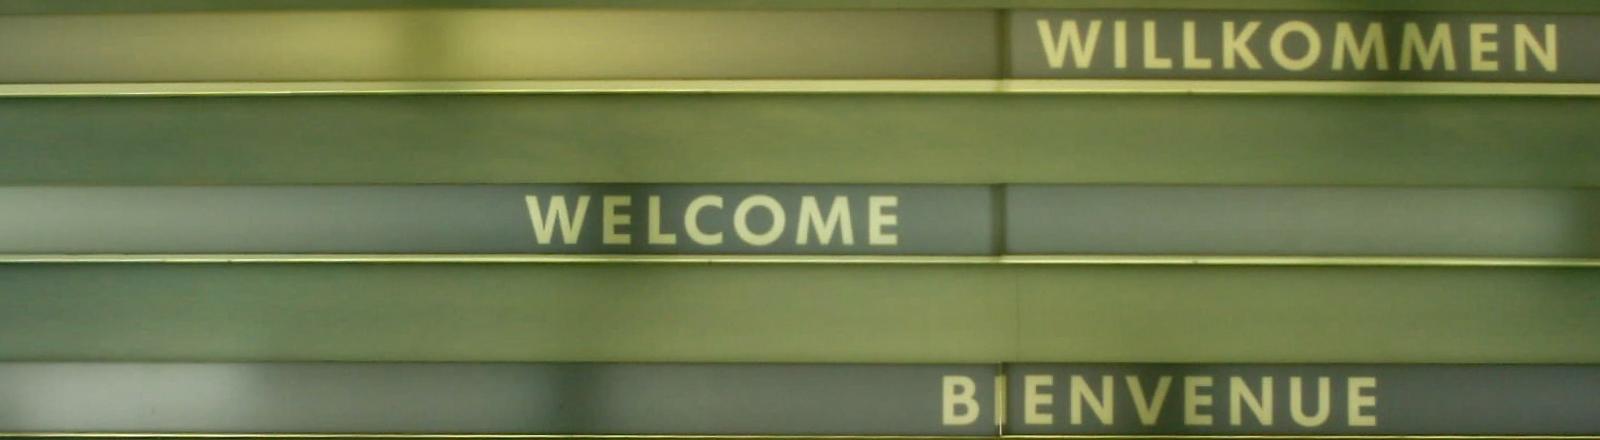 Ein Schild auf dem Willkommen in verschiedenen Sprachen steht.